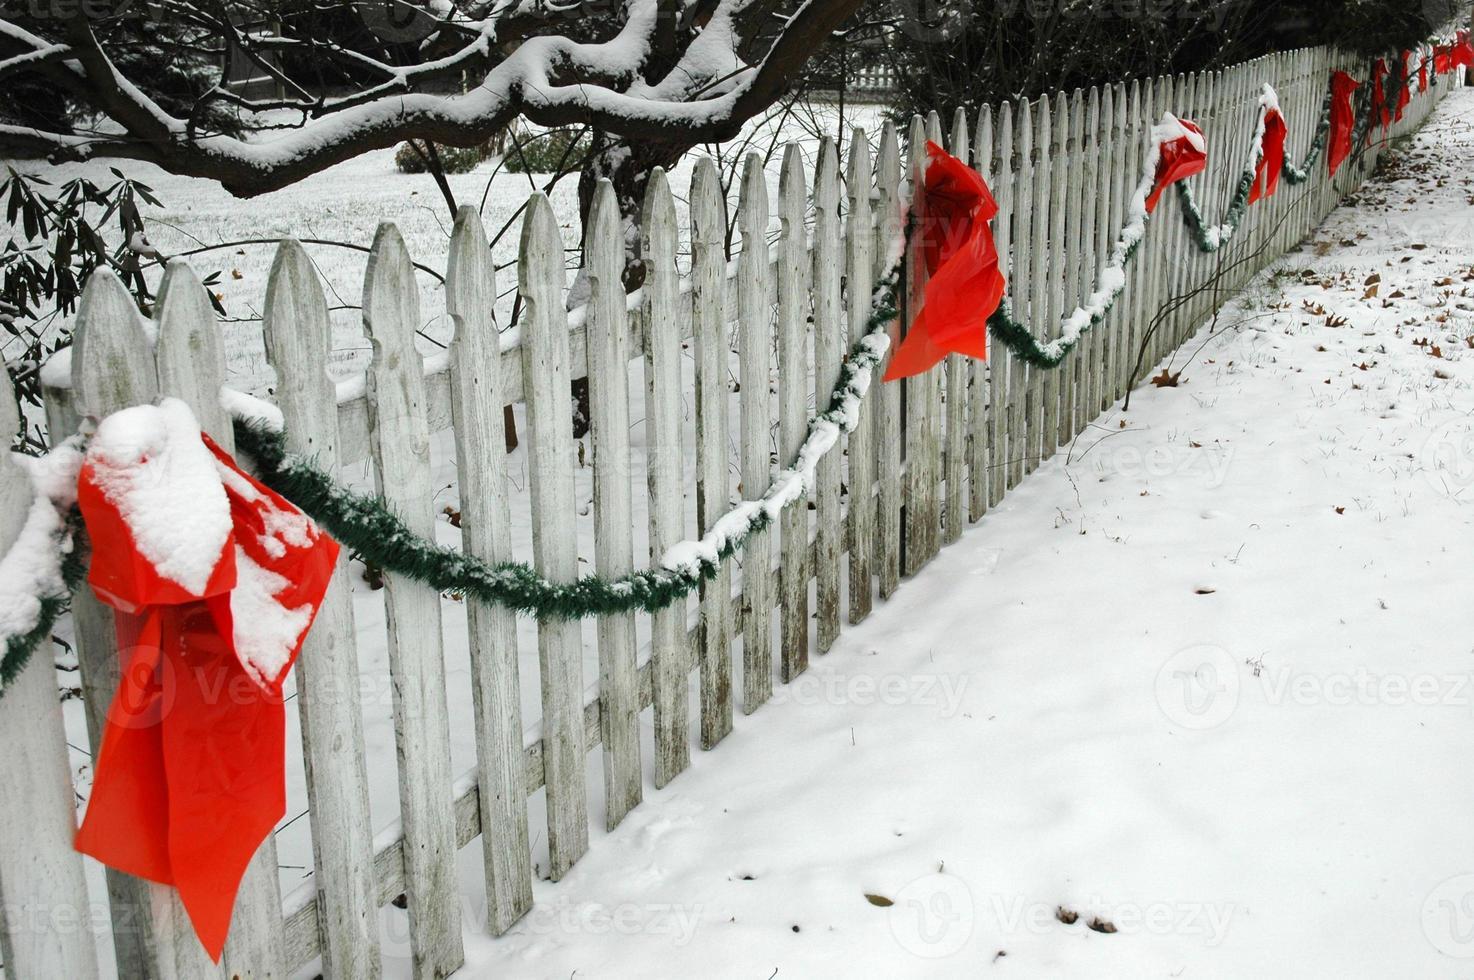 archi sulla recinzione foto